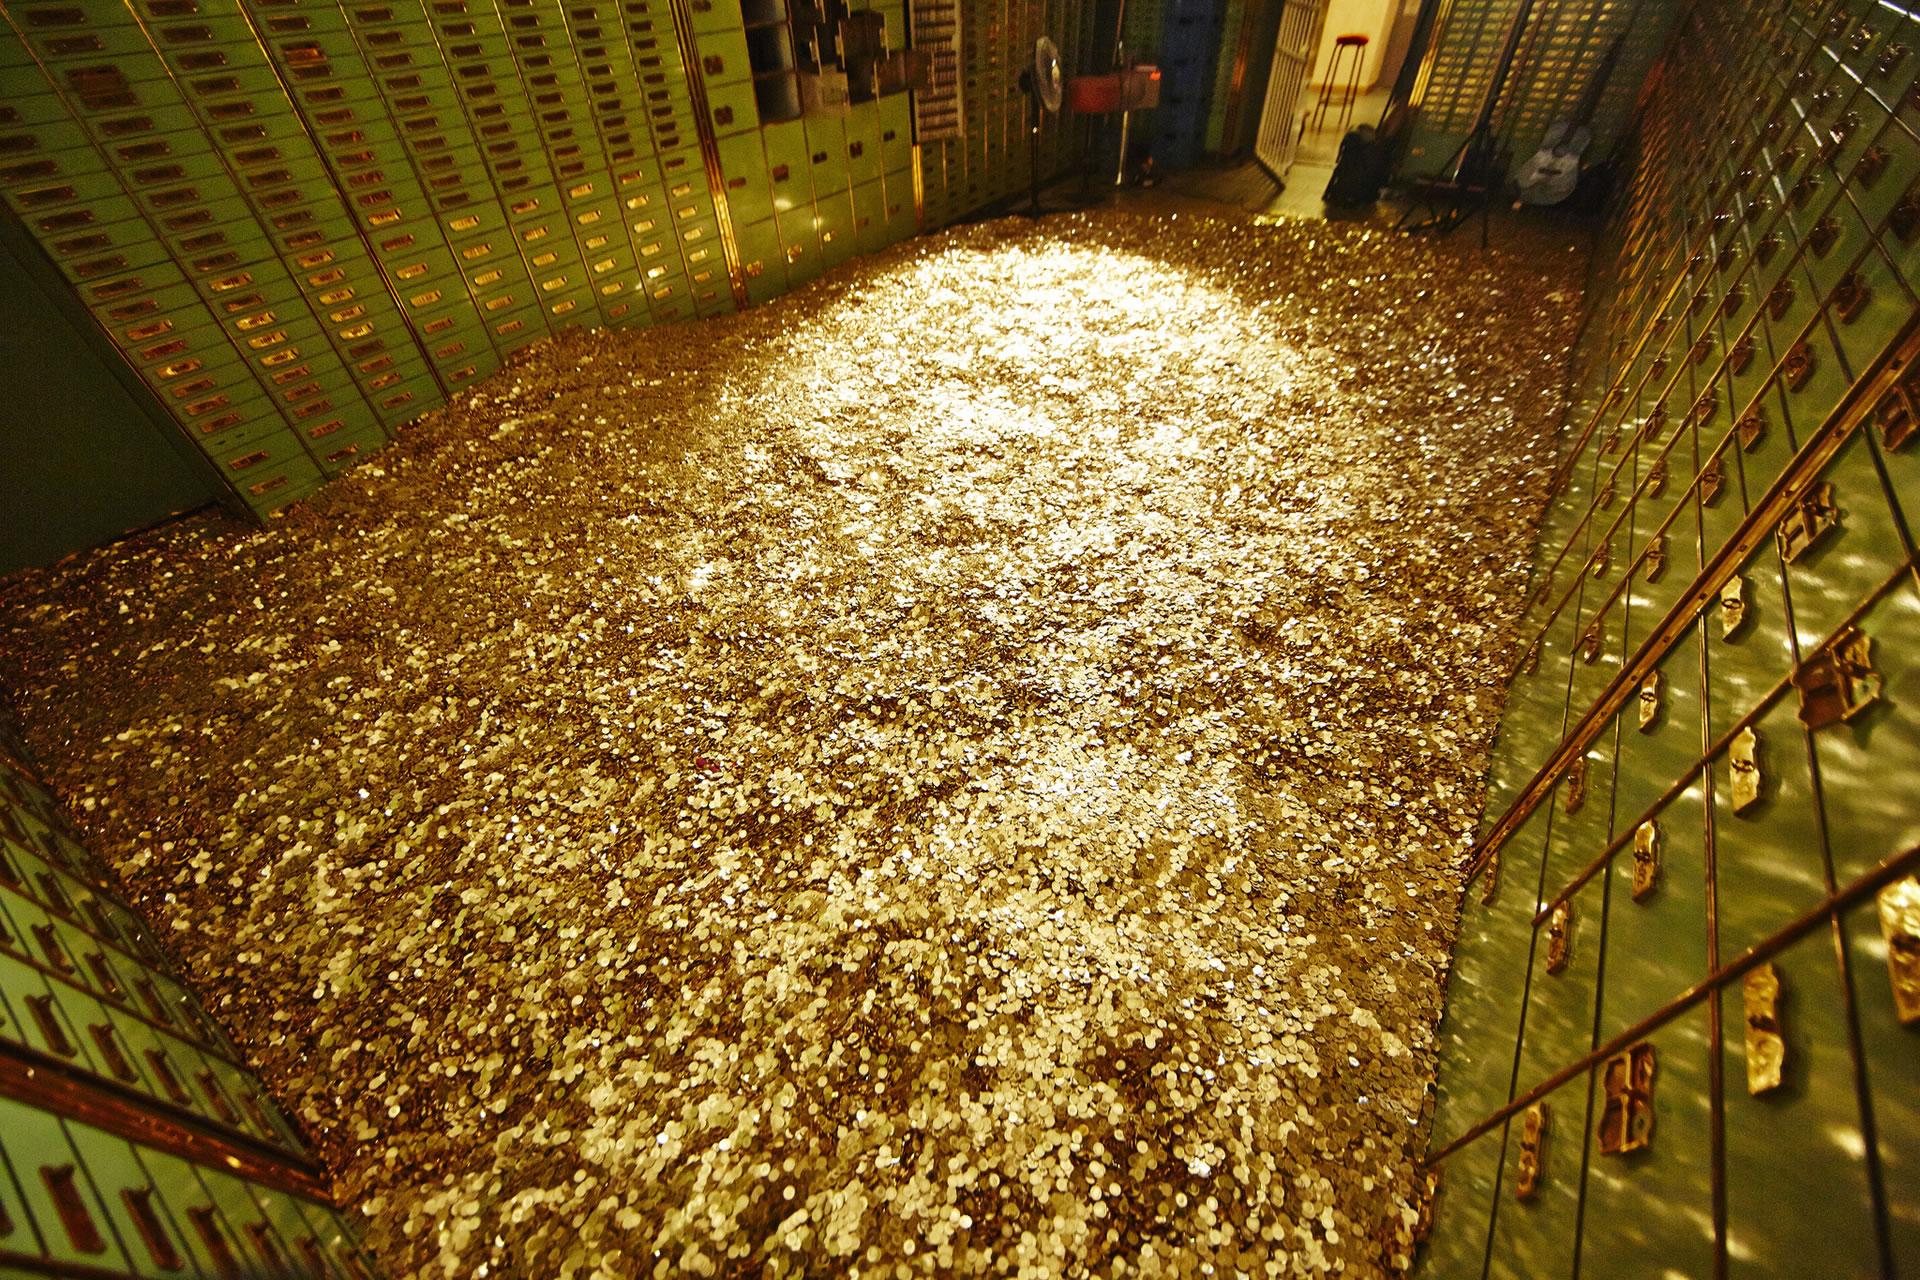 Einmal im Leben in Geld baden, im eigenen Tresorraum